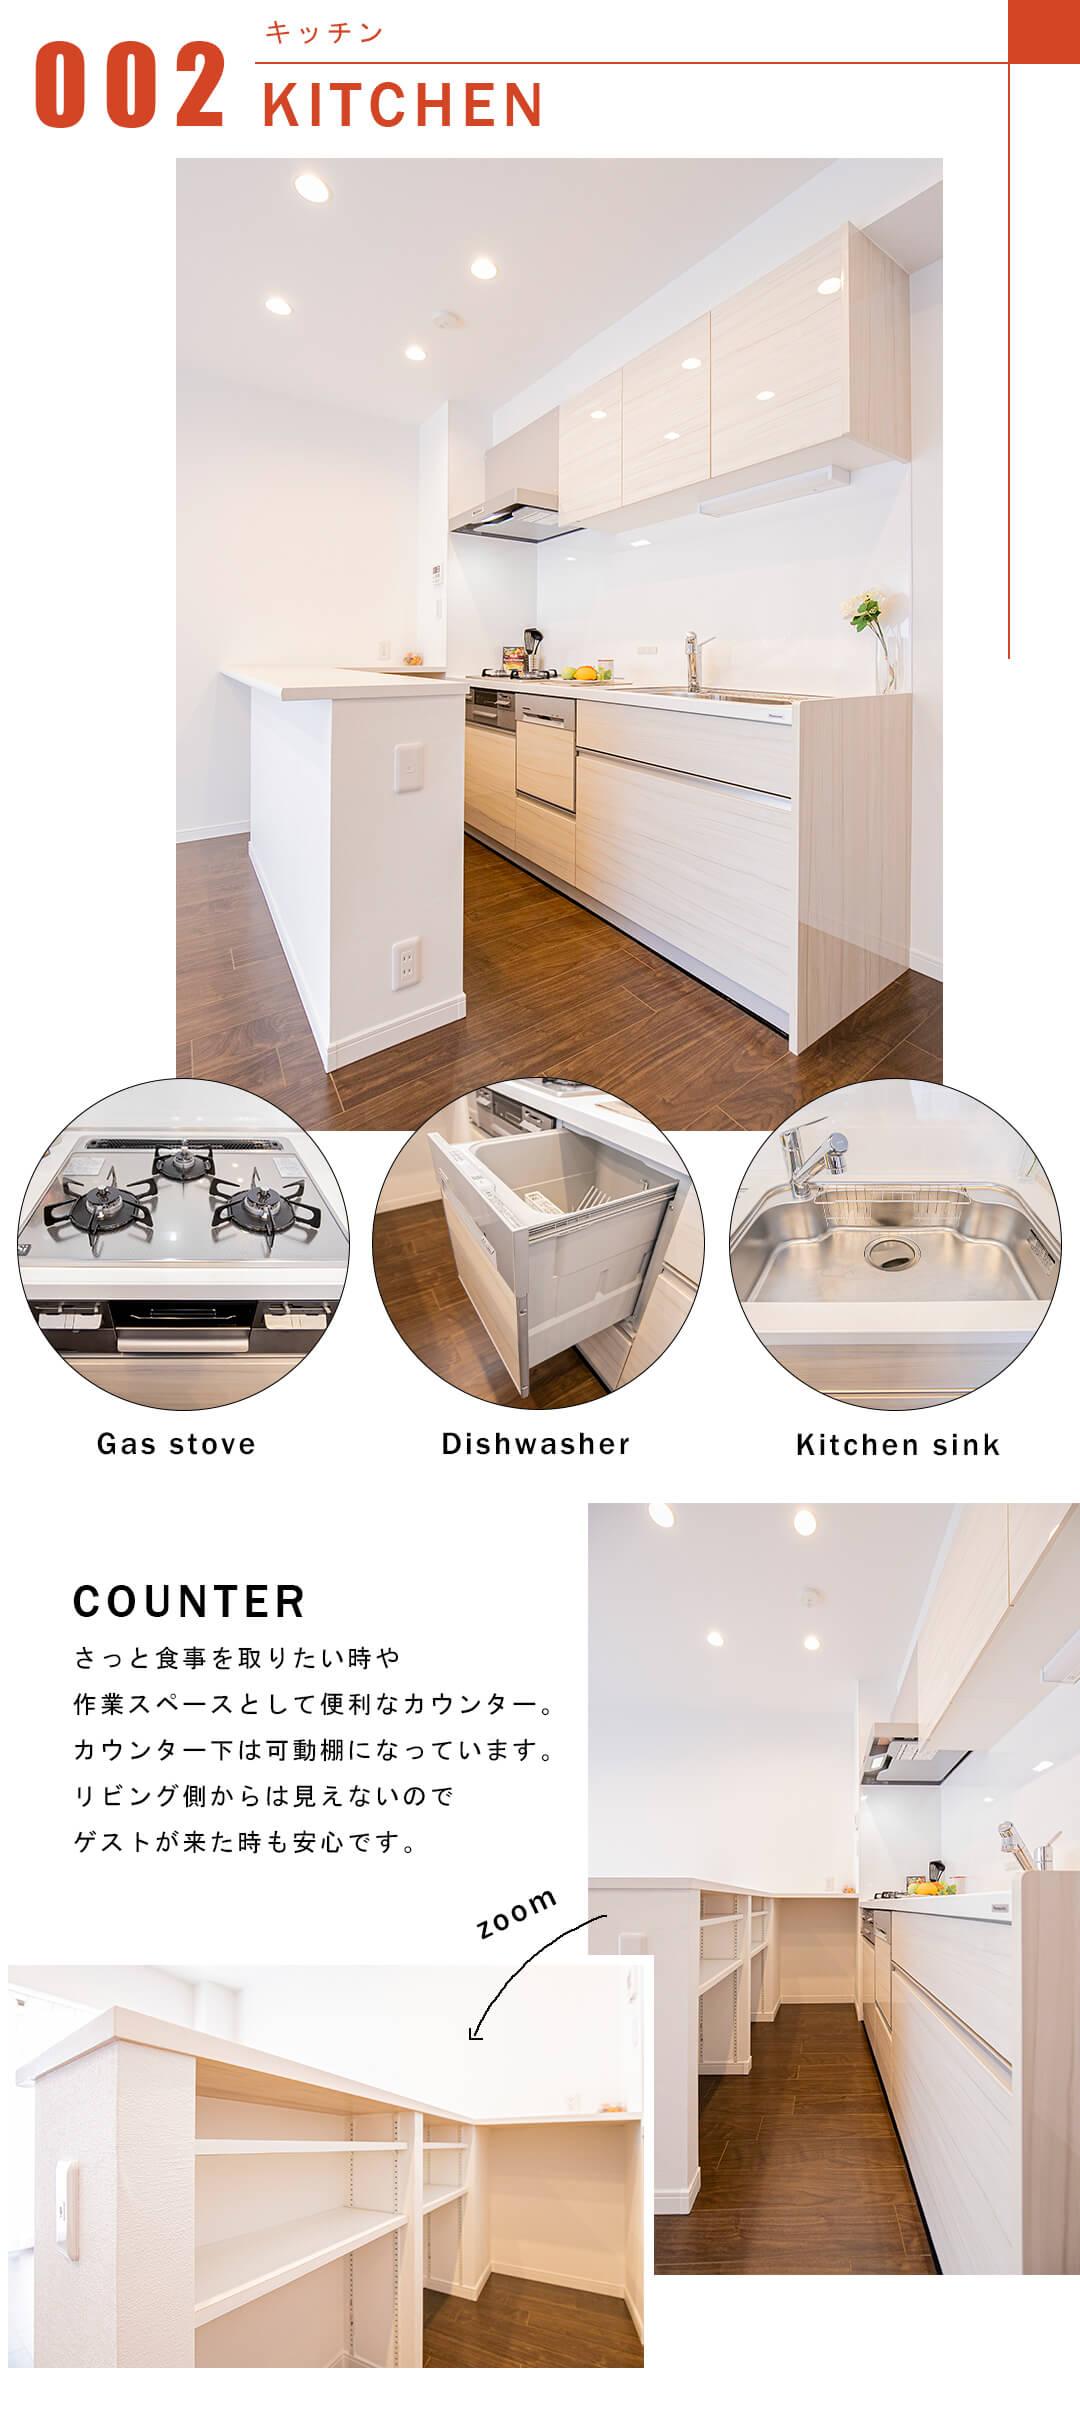 朝日シティパリオ西早稲田館のキッチン